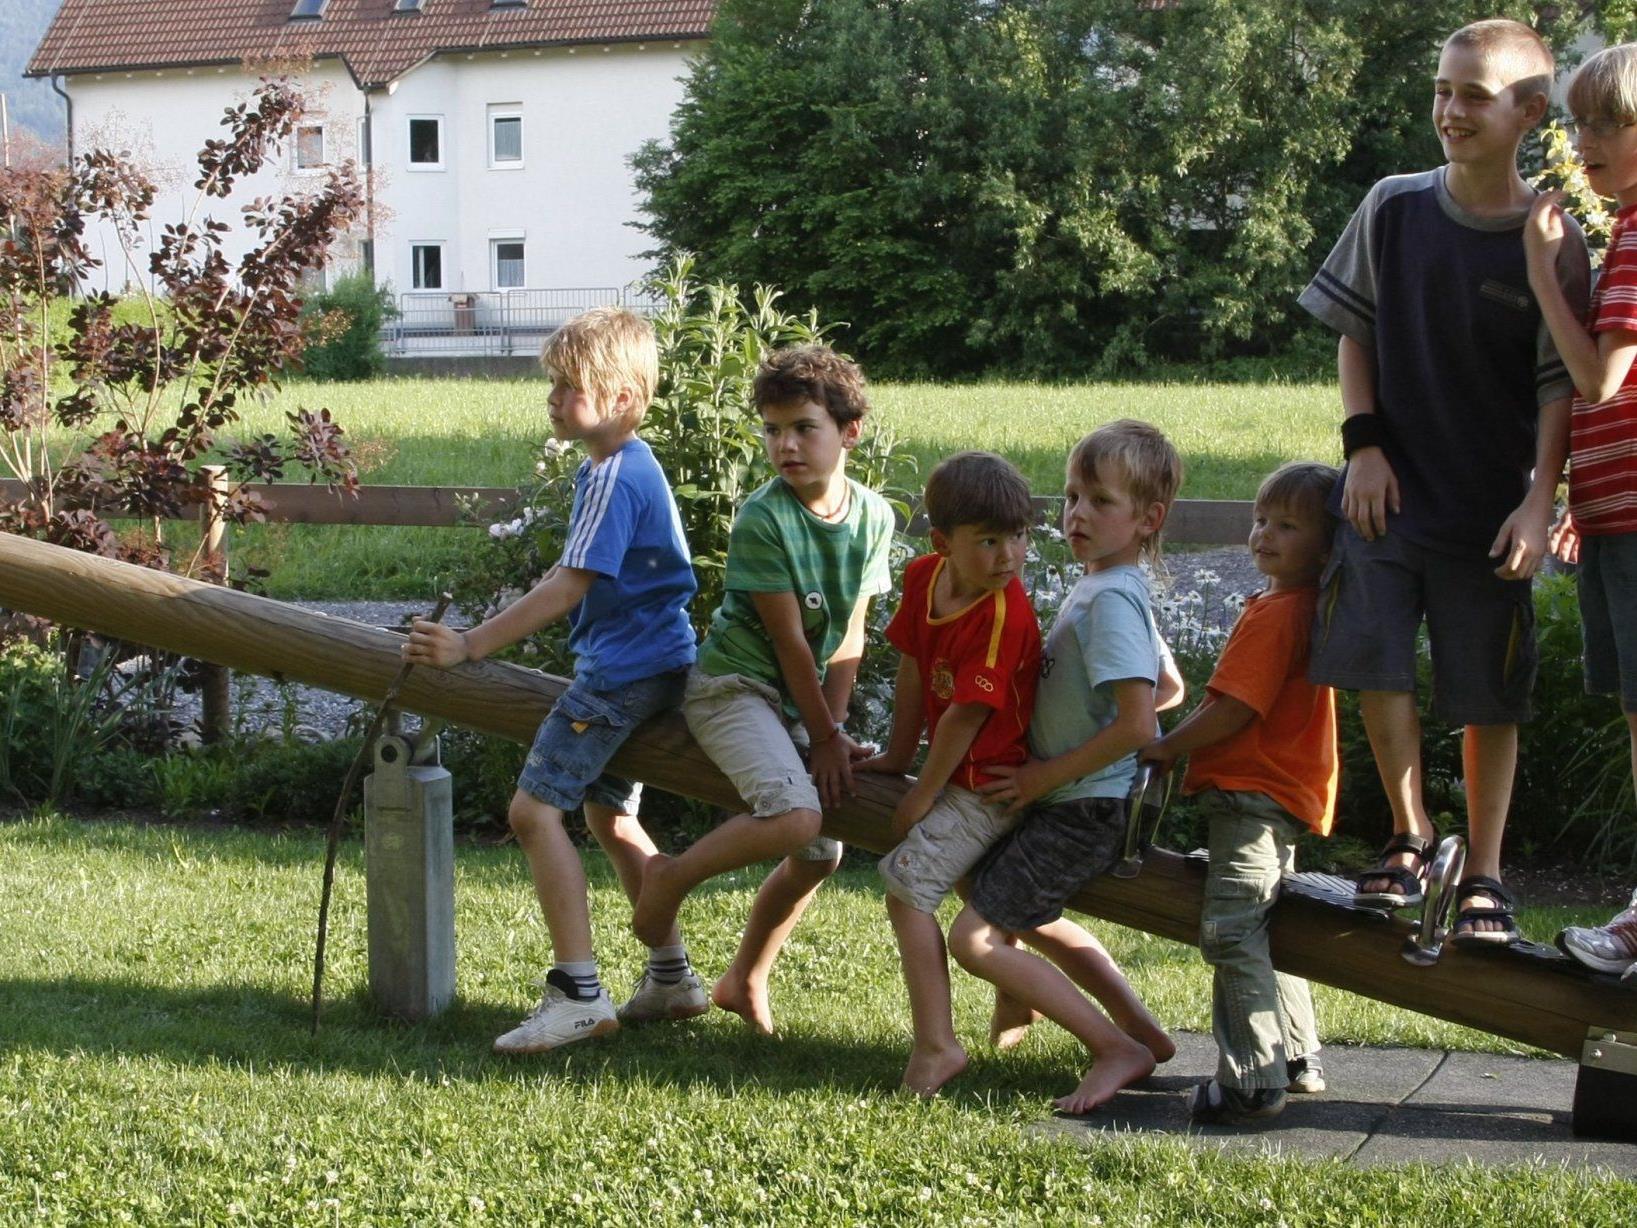 Auch Jugendliche bringen sich bei der Vereinsarbeit aktiv ein